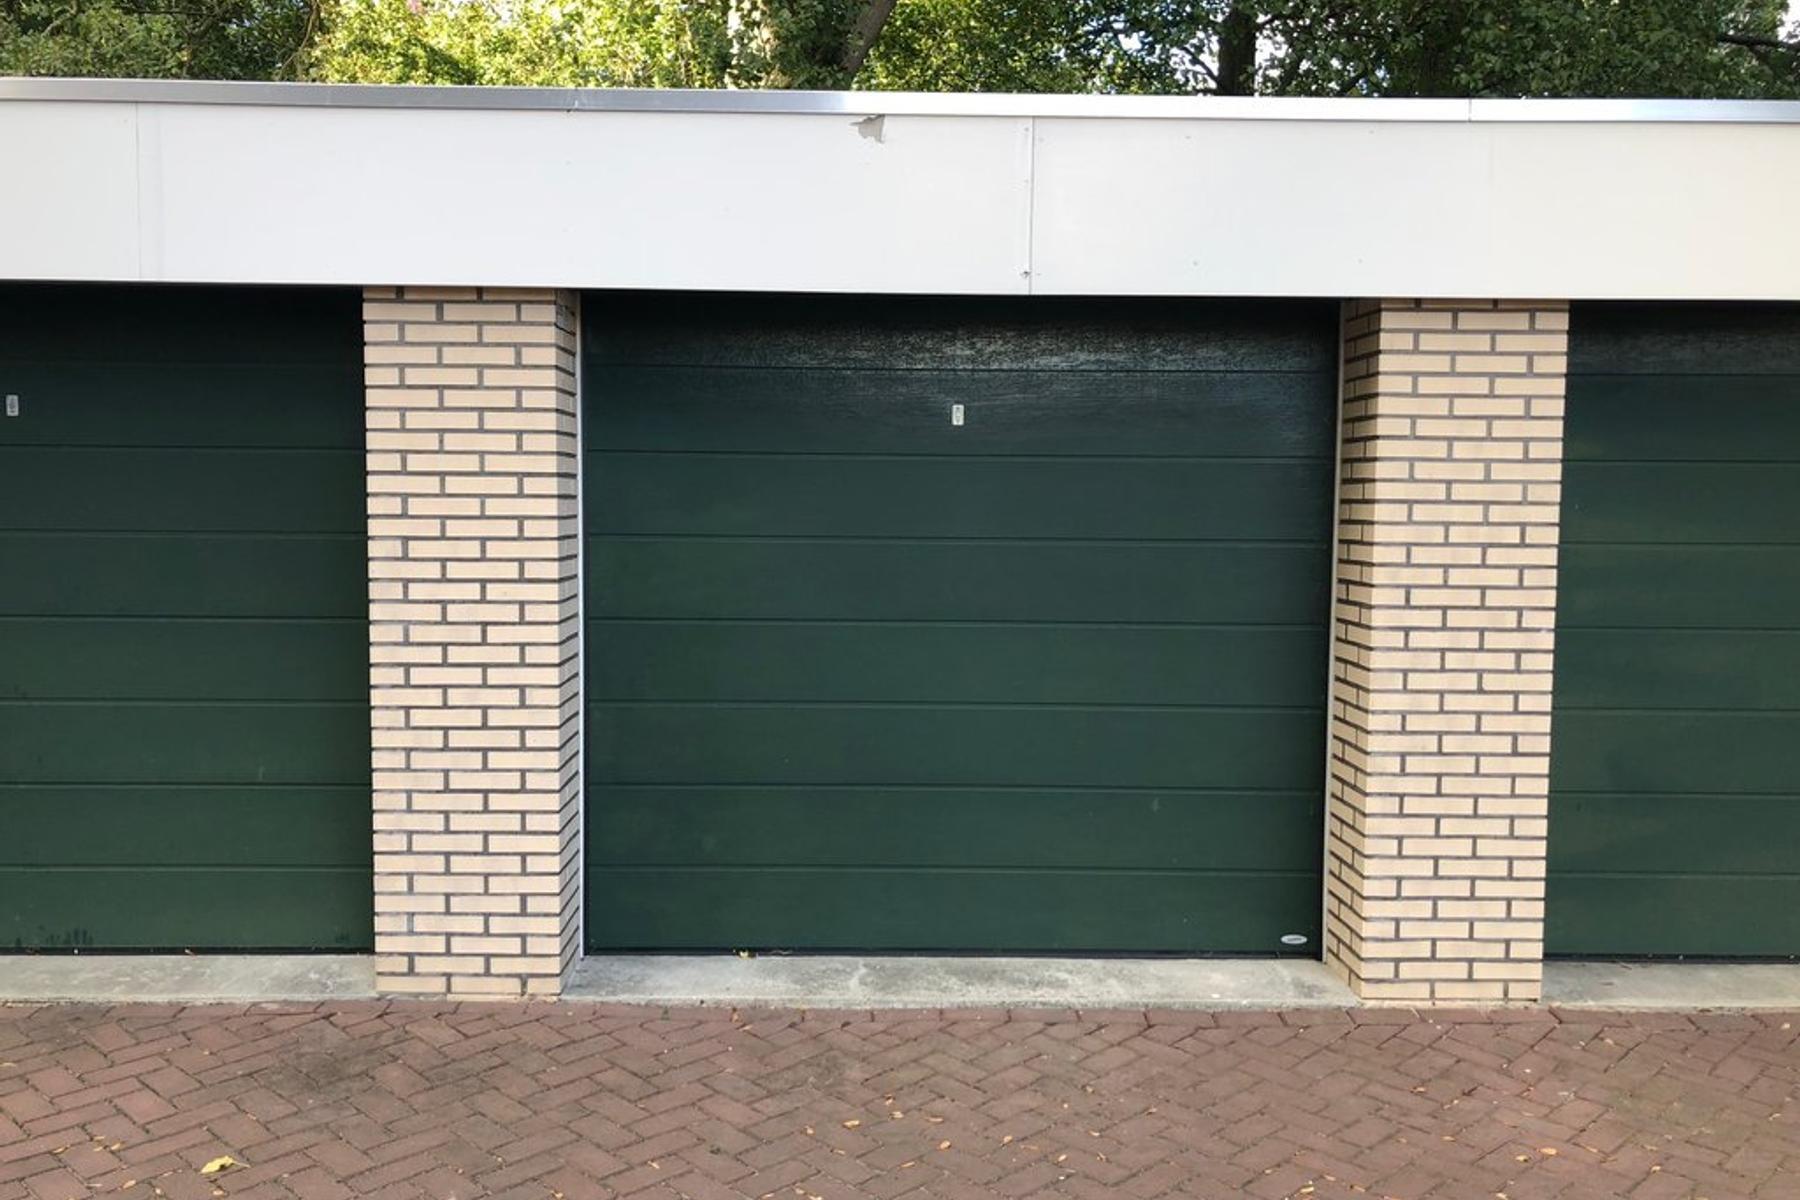 Max Havelaarlaan 205 77 in Amstelveen 1183 LP